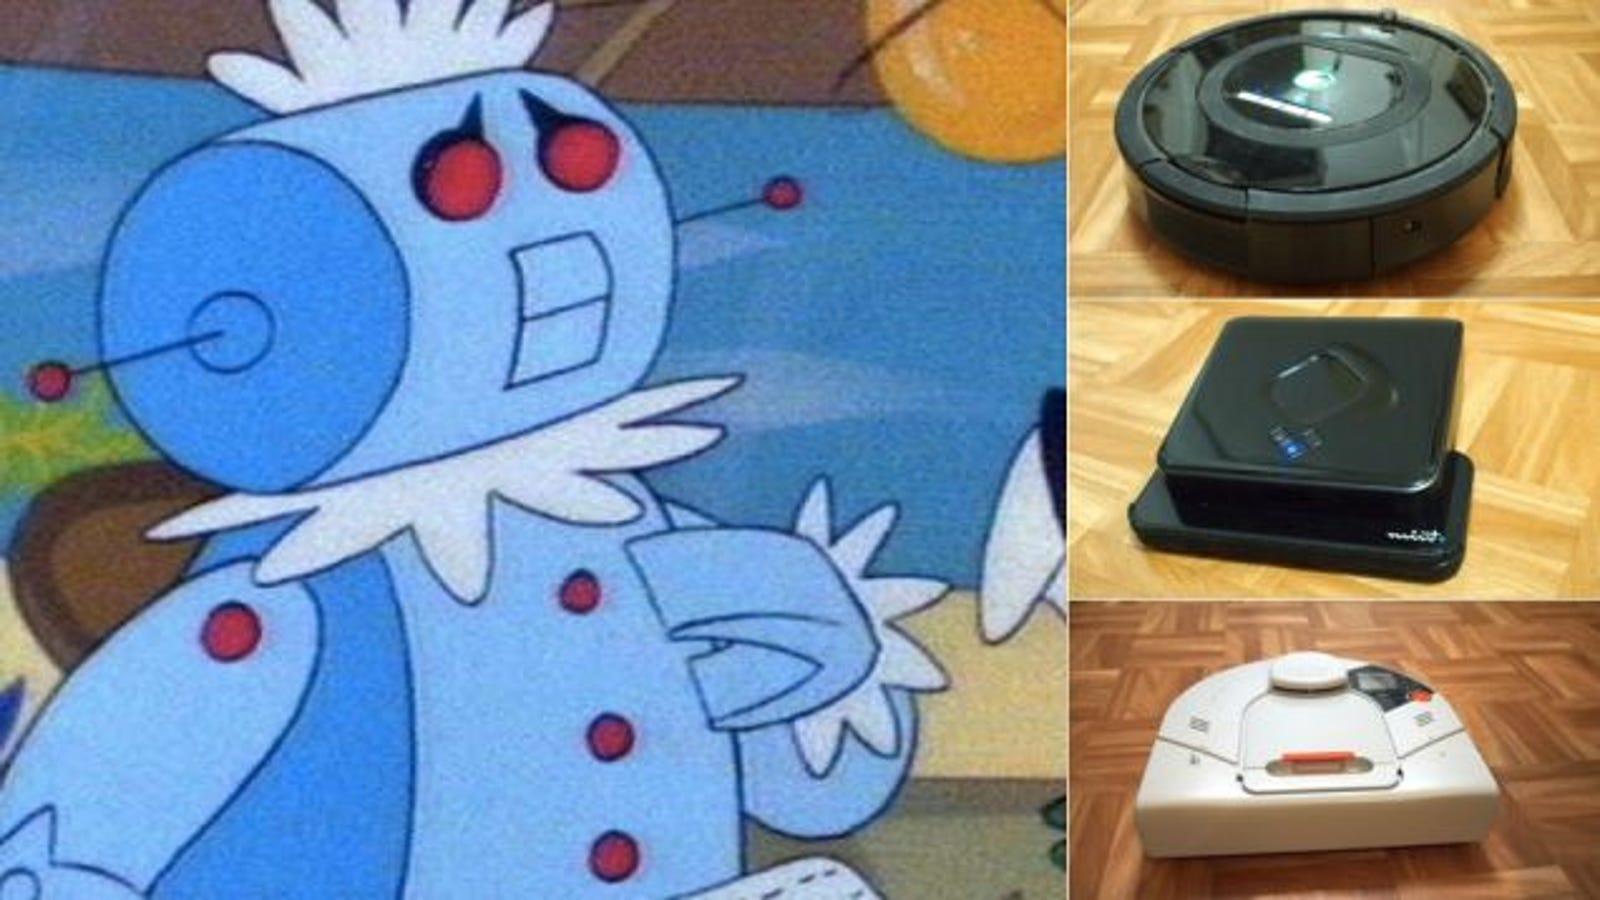 The Best Robot Floor Cleaners